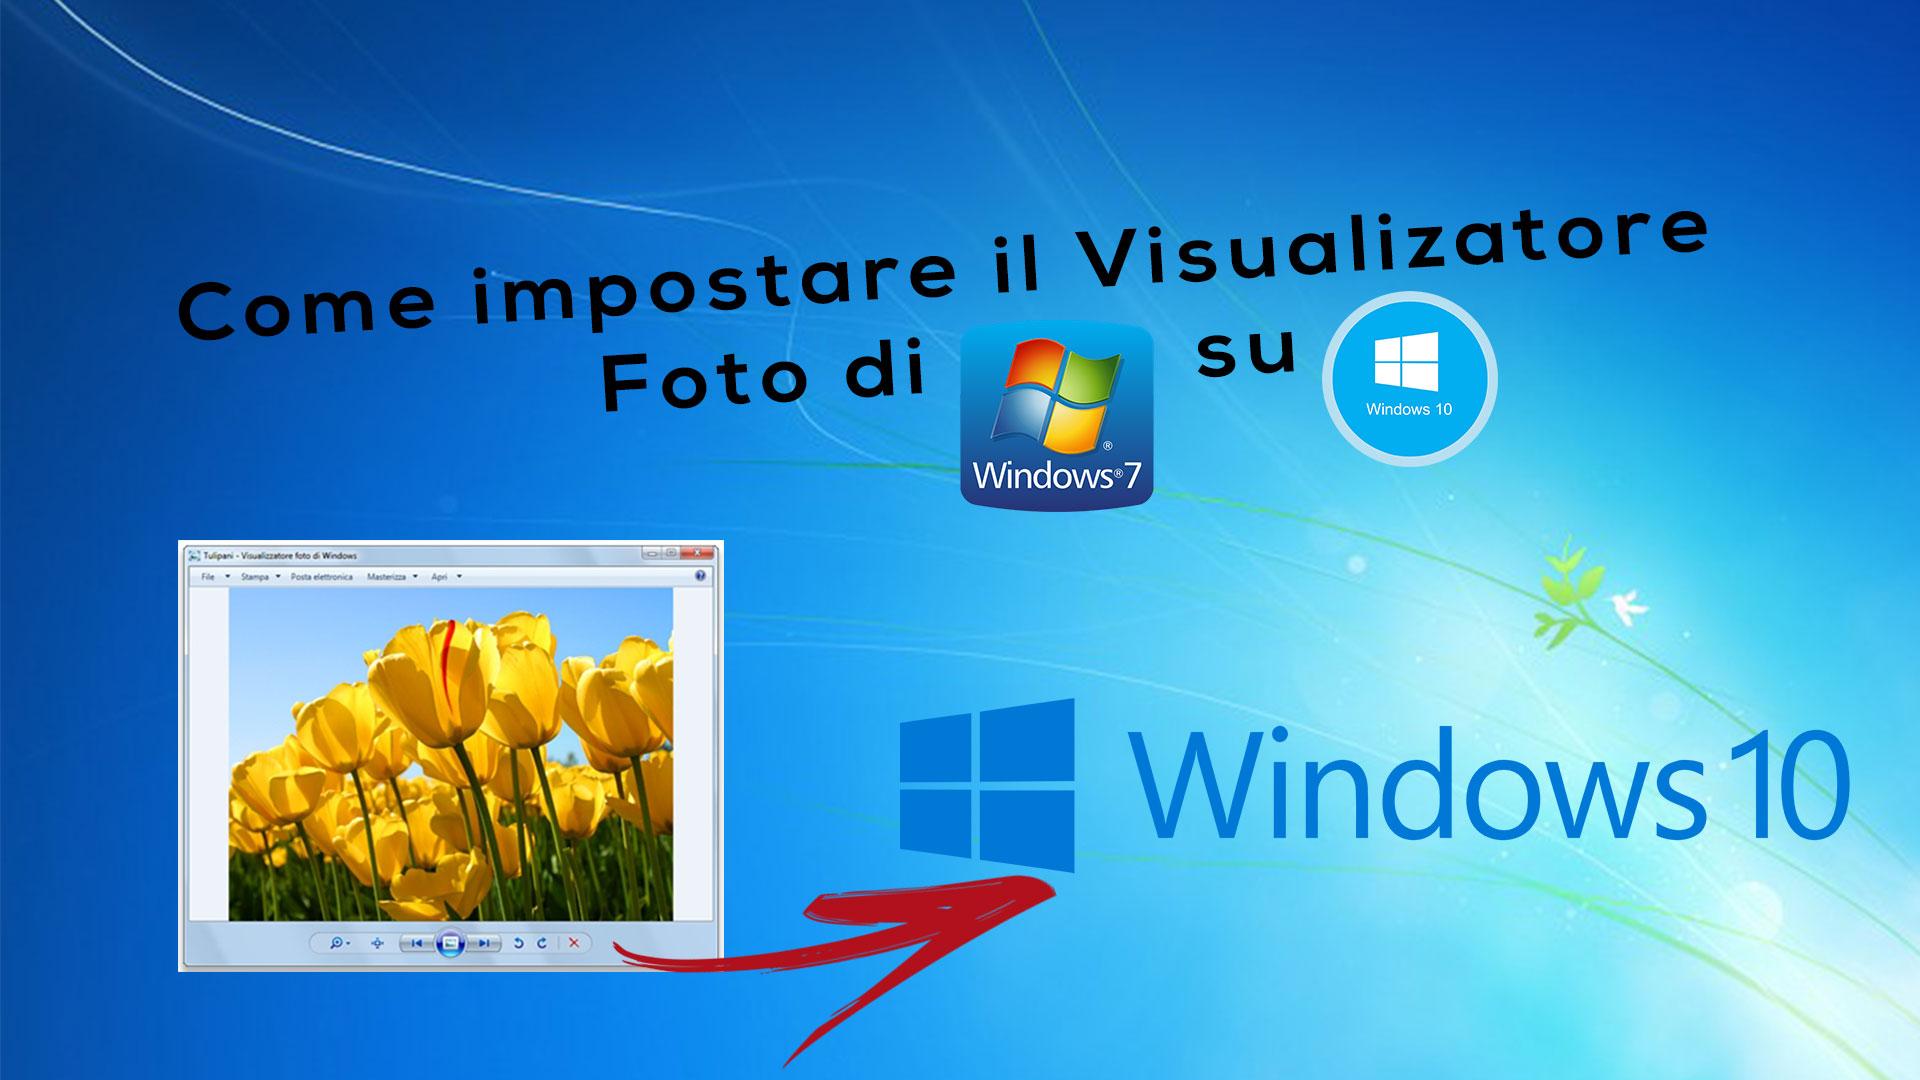 Come impostare il vecchio Visualizzatore foto di Windows 7 su Windows 10